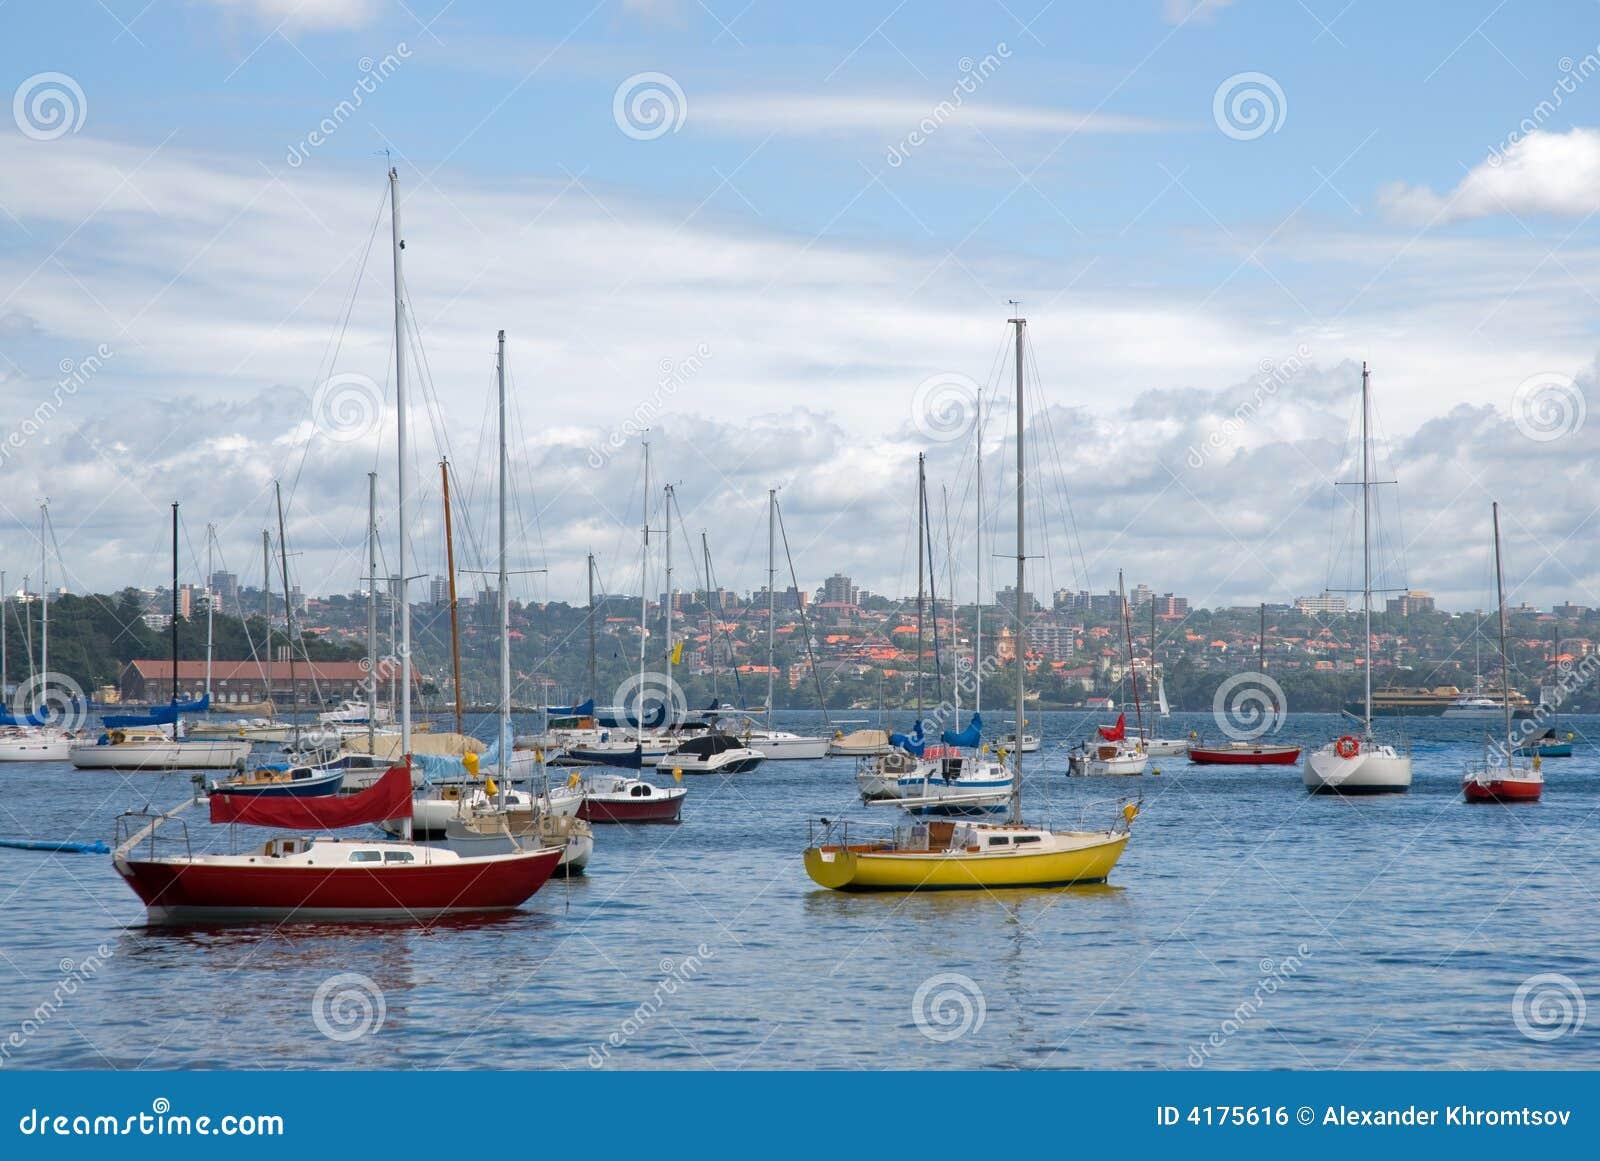 цветастые яхты